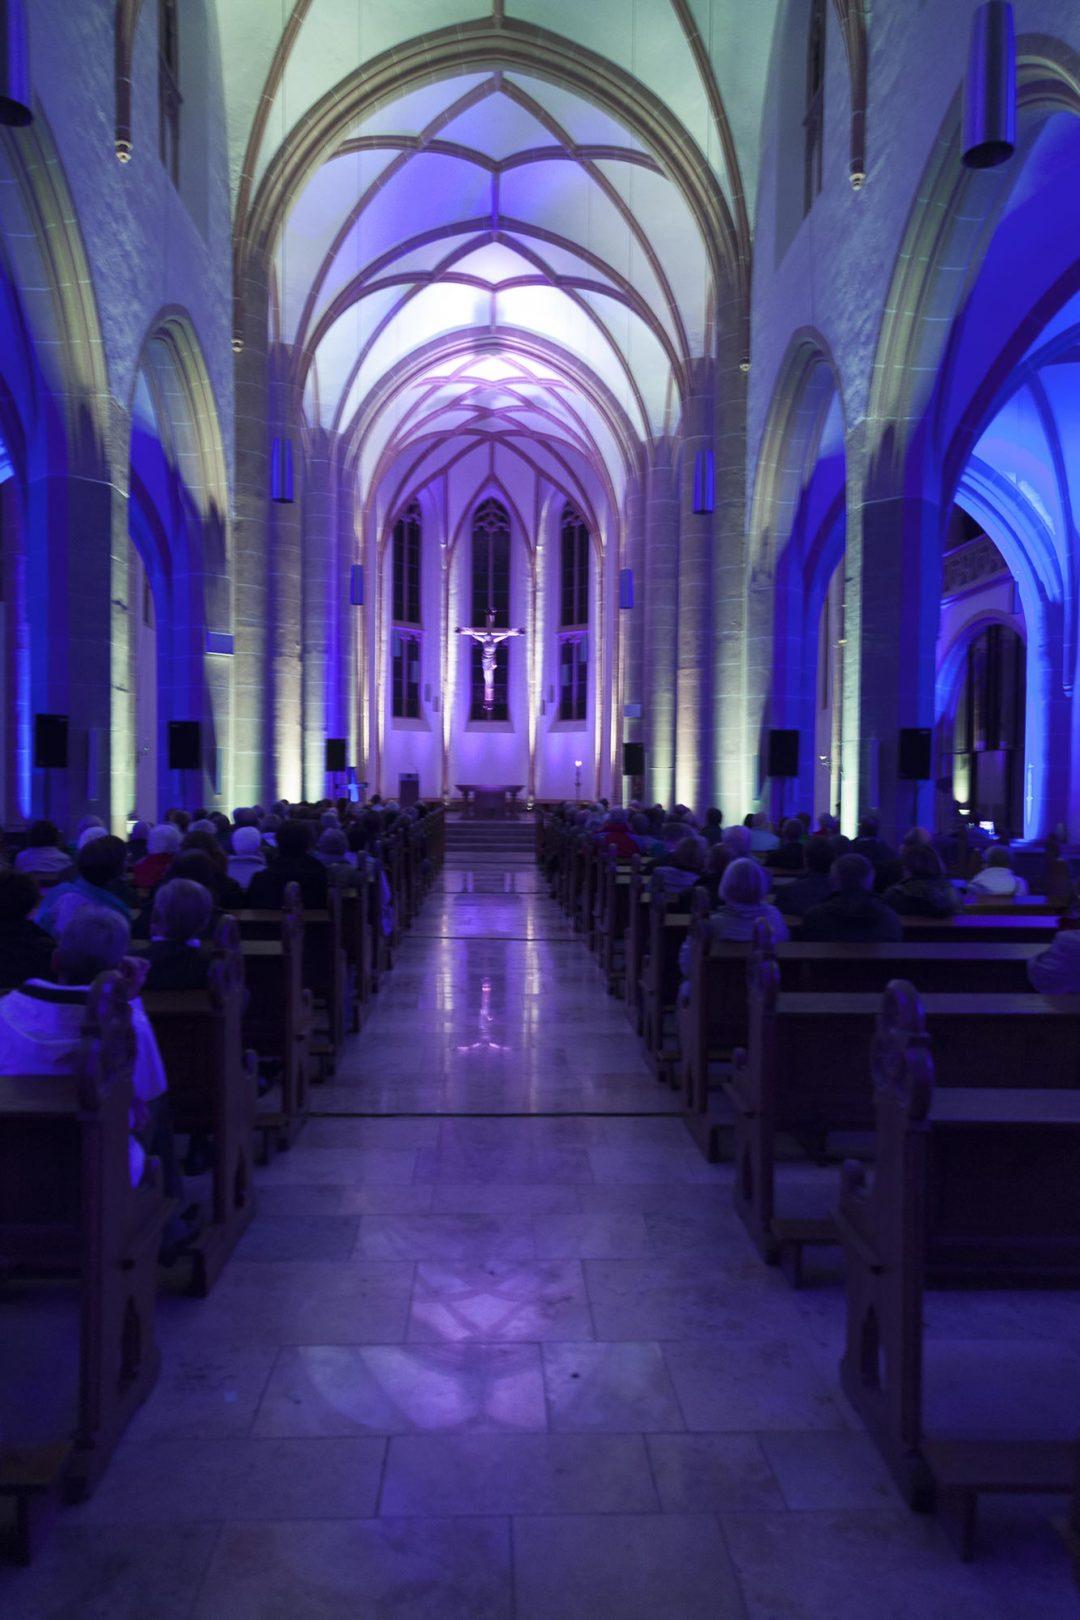 Lichtpunkte im Advent